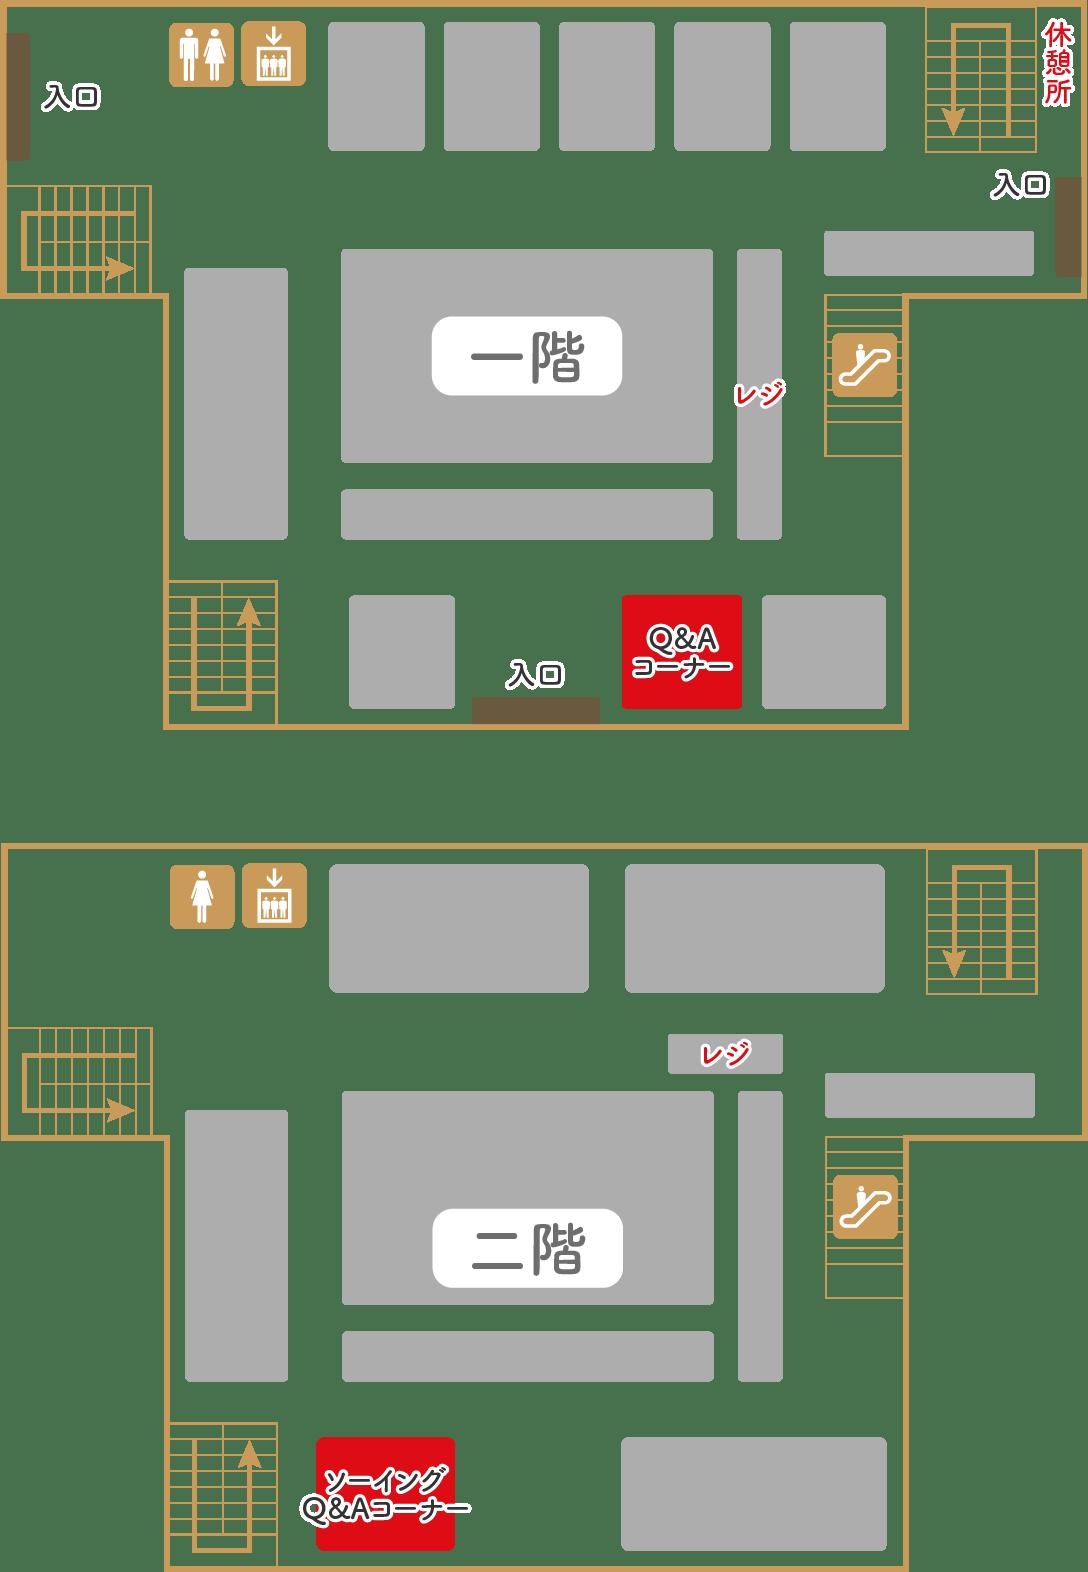 ソーイングQ&Aコーナー マップ